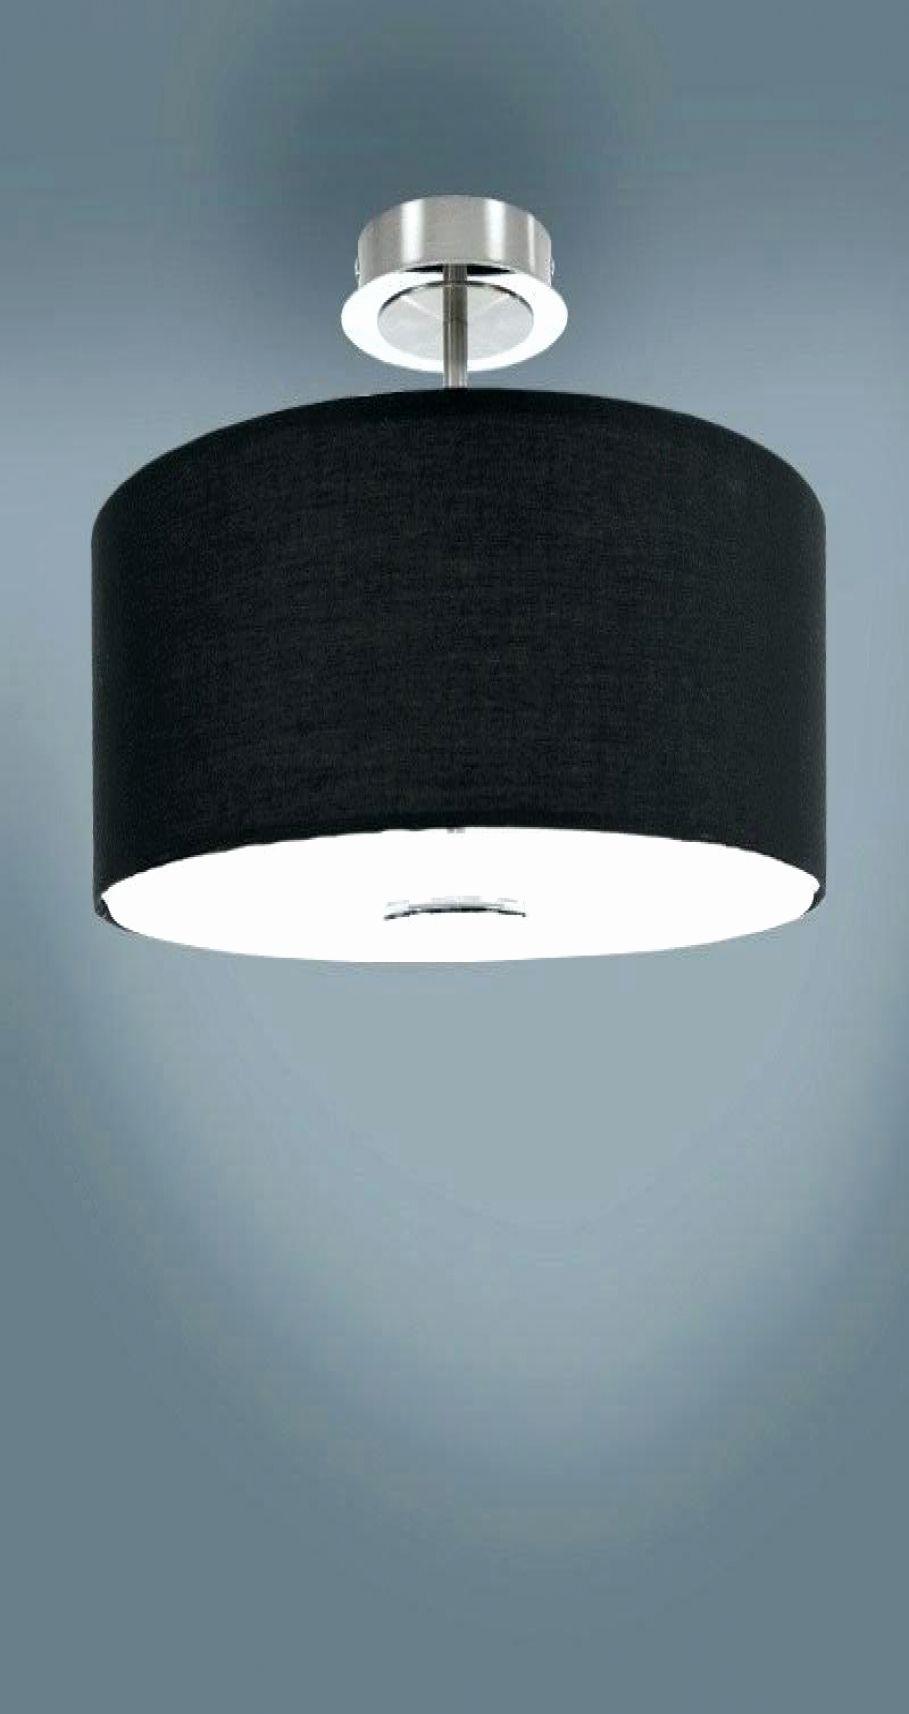 10 Elegant Deckenleuchte Wohnzimmer Modern in 10  Lamp, Decor